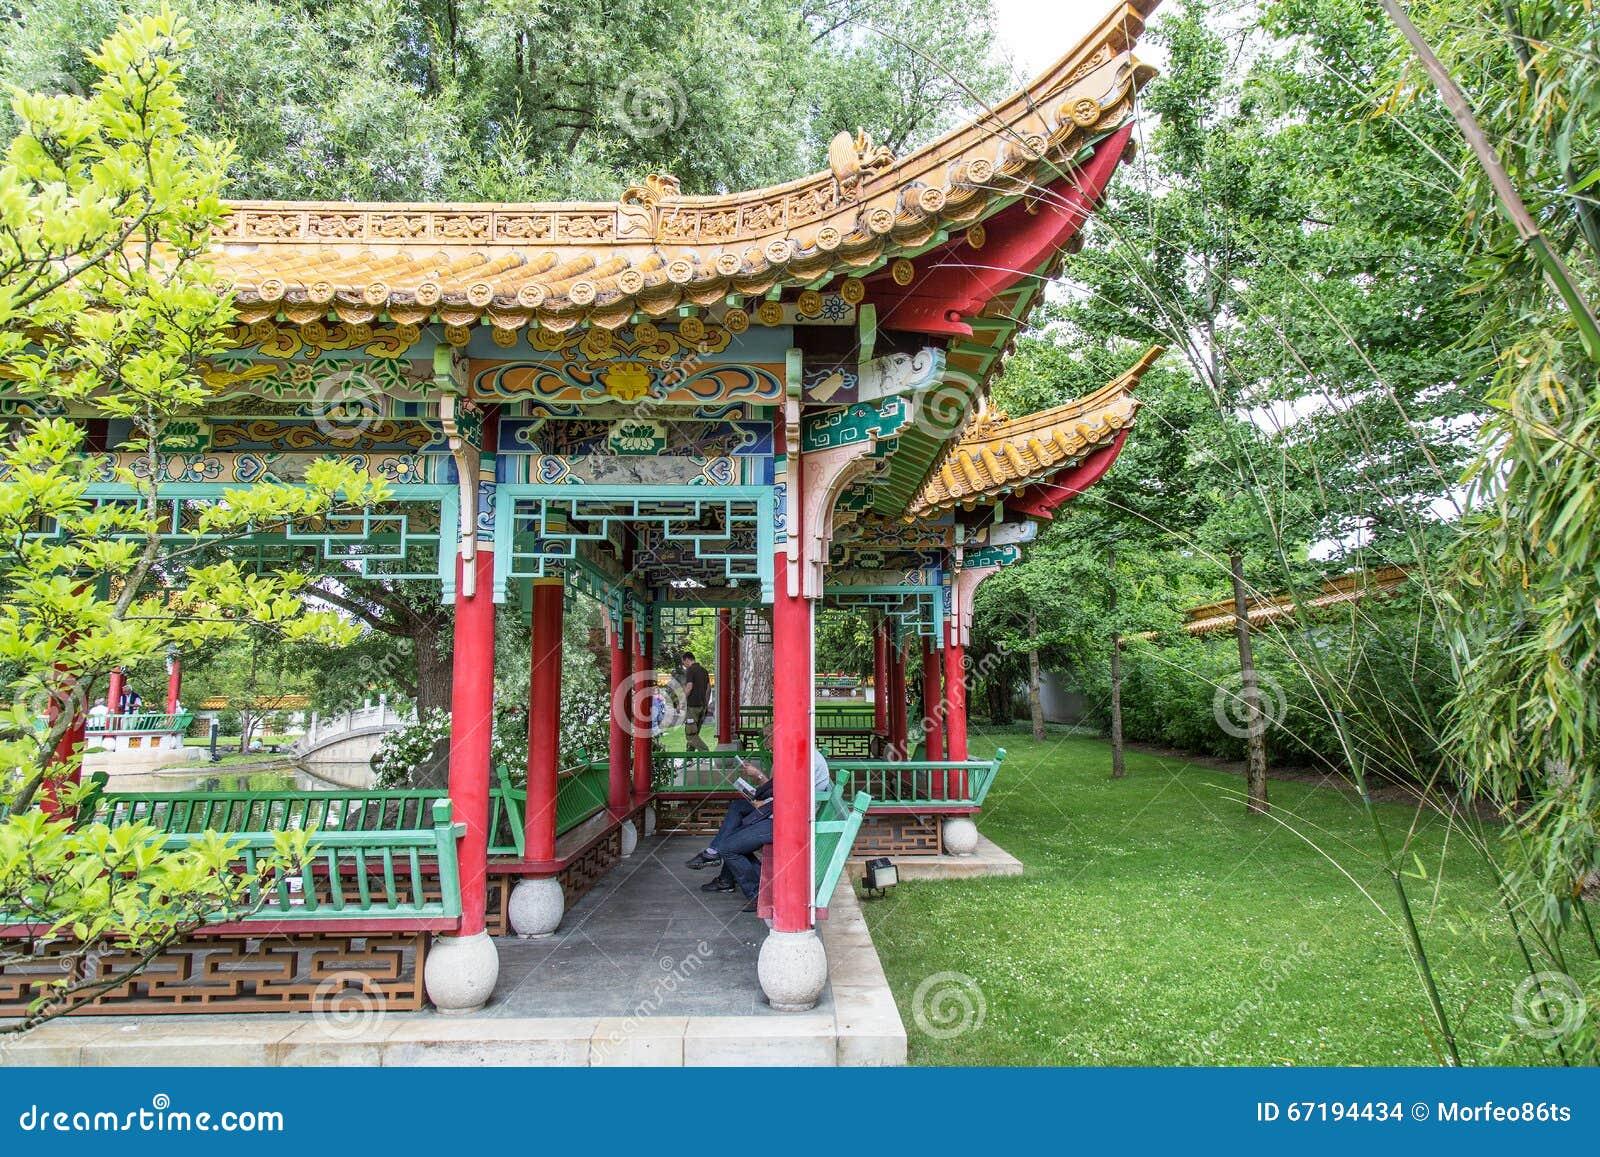 Giardino giapponese tradizionale immagine stock editoriale for Architettura tradizionale giapponese